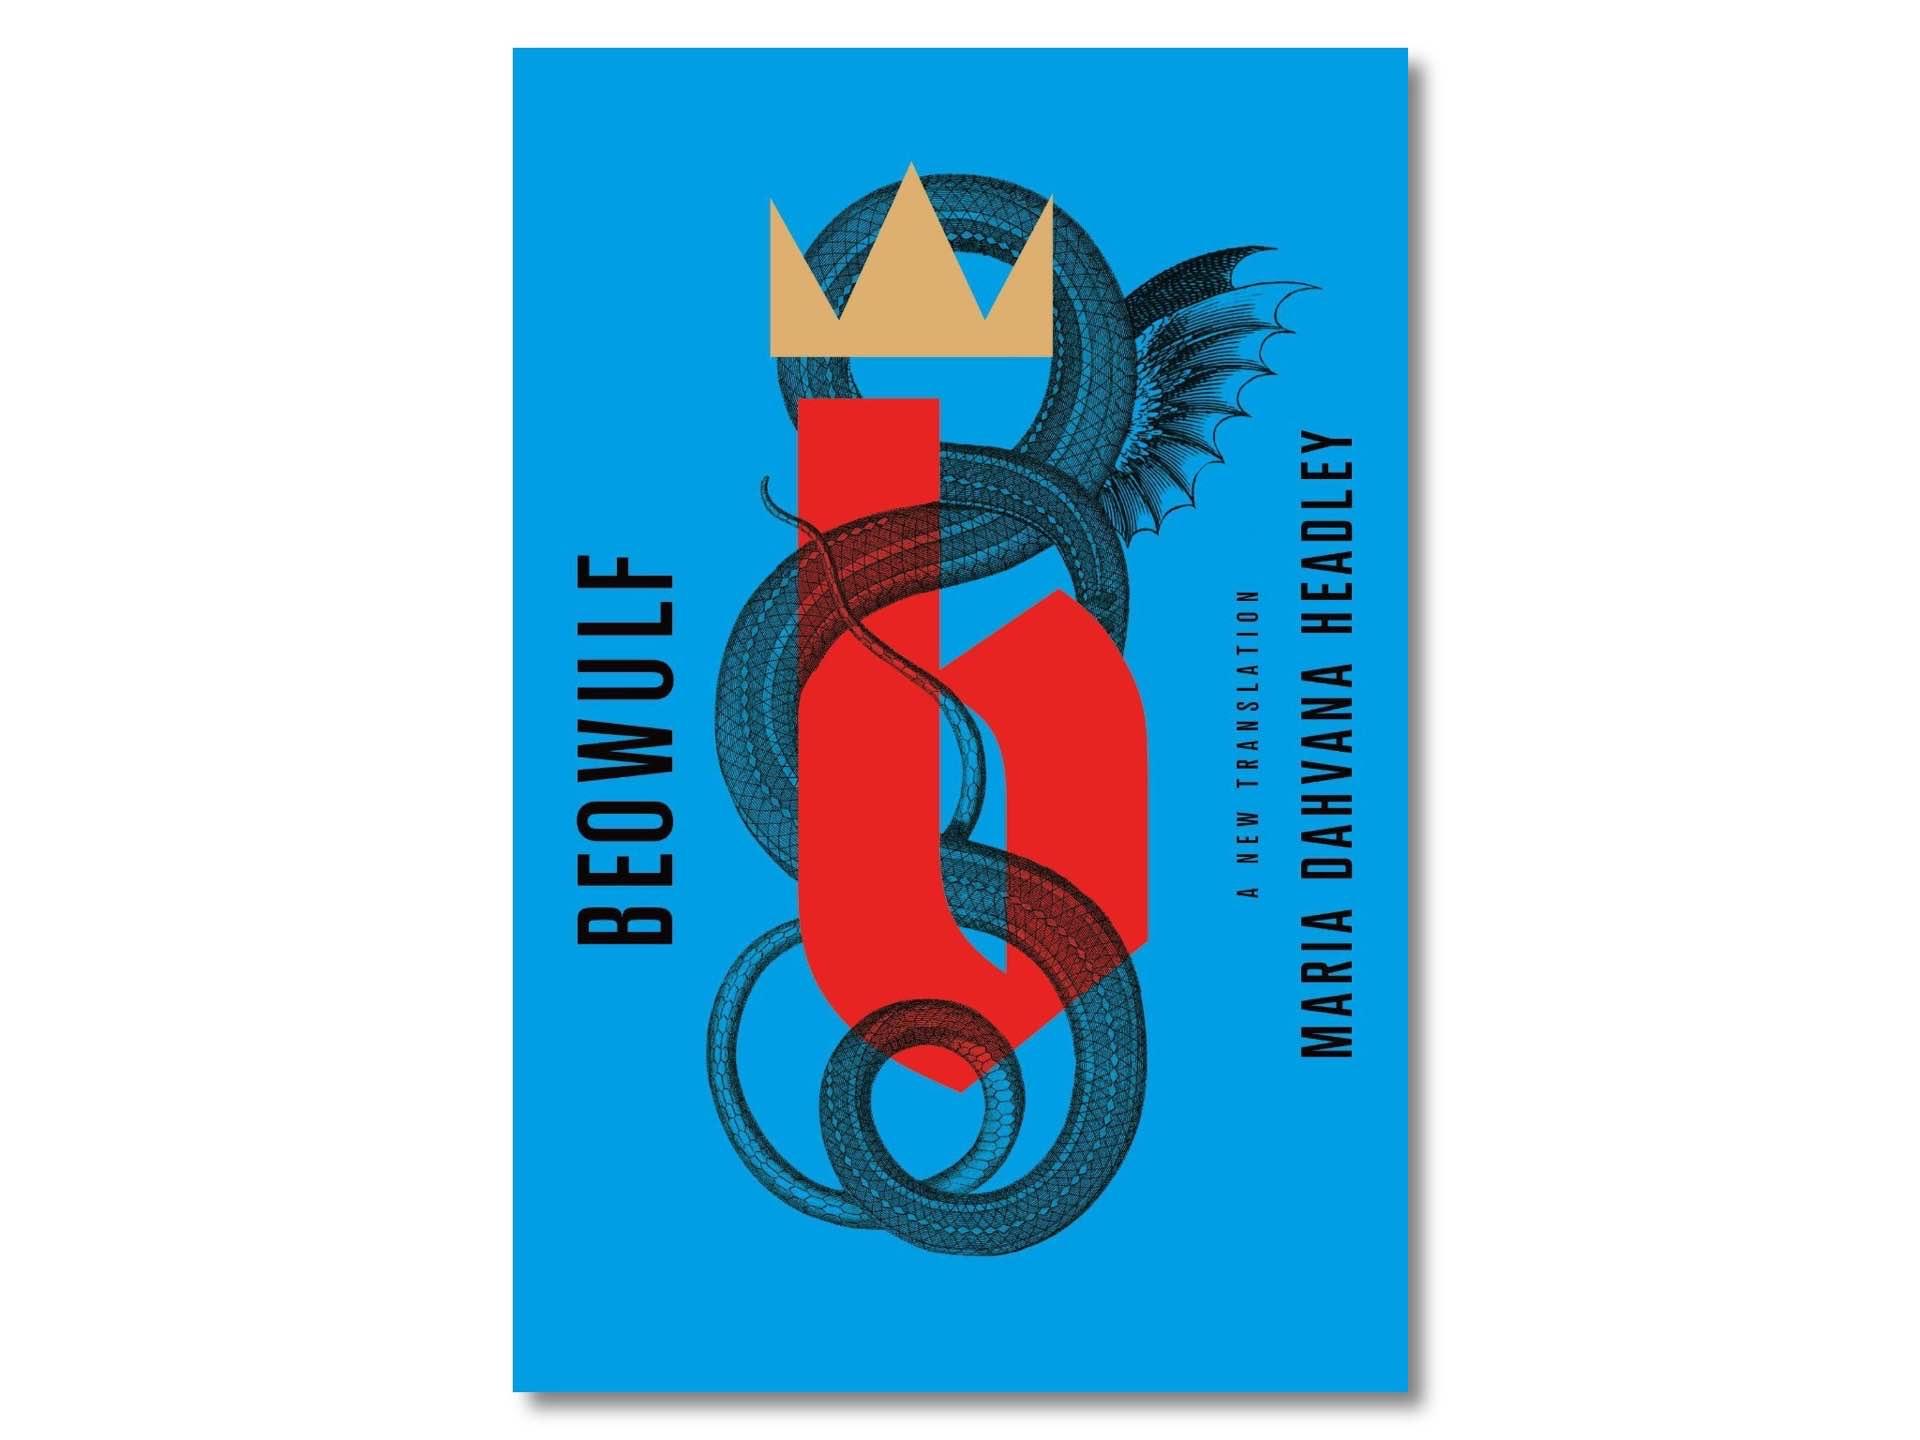 beowulf-a-new-translation-by-maria-dahvana-headley